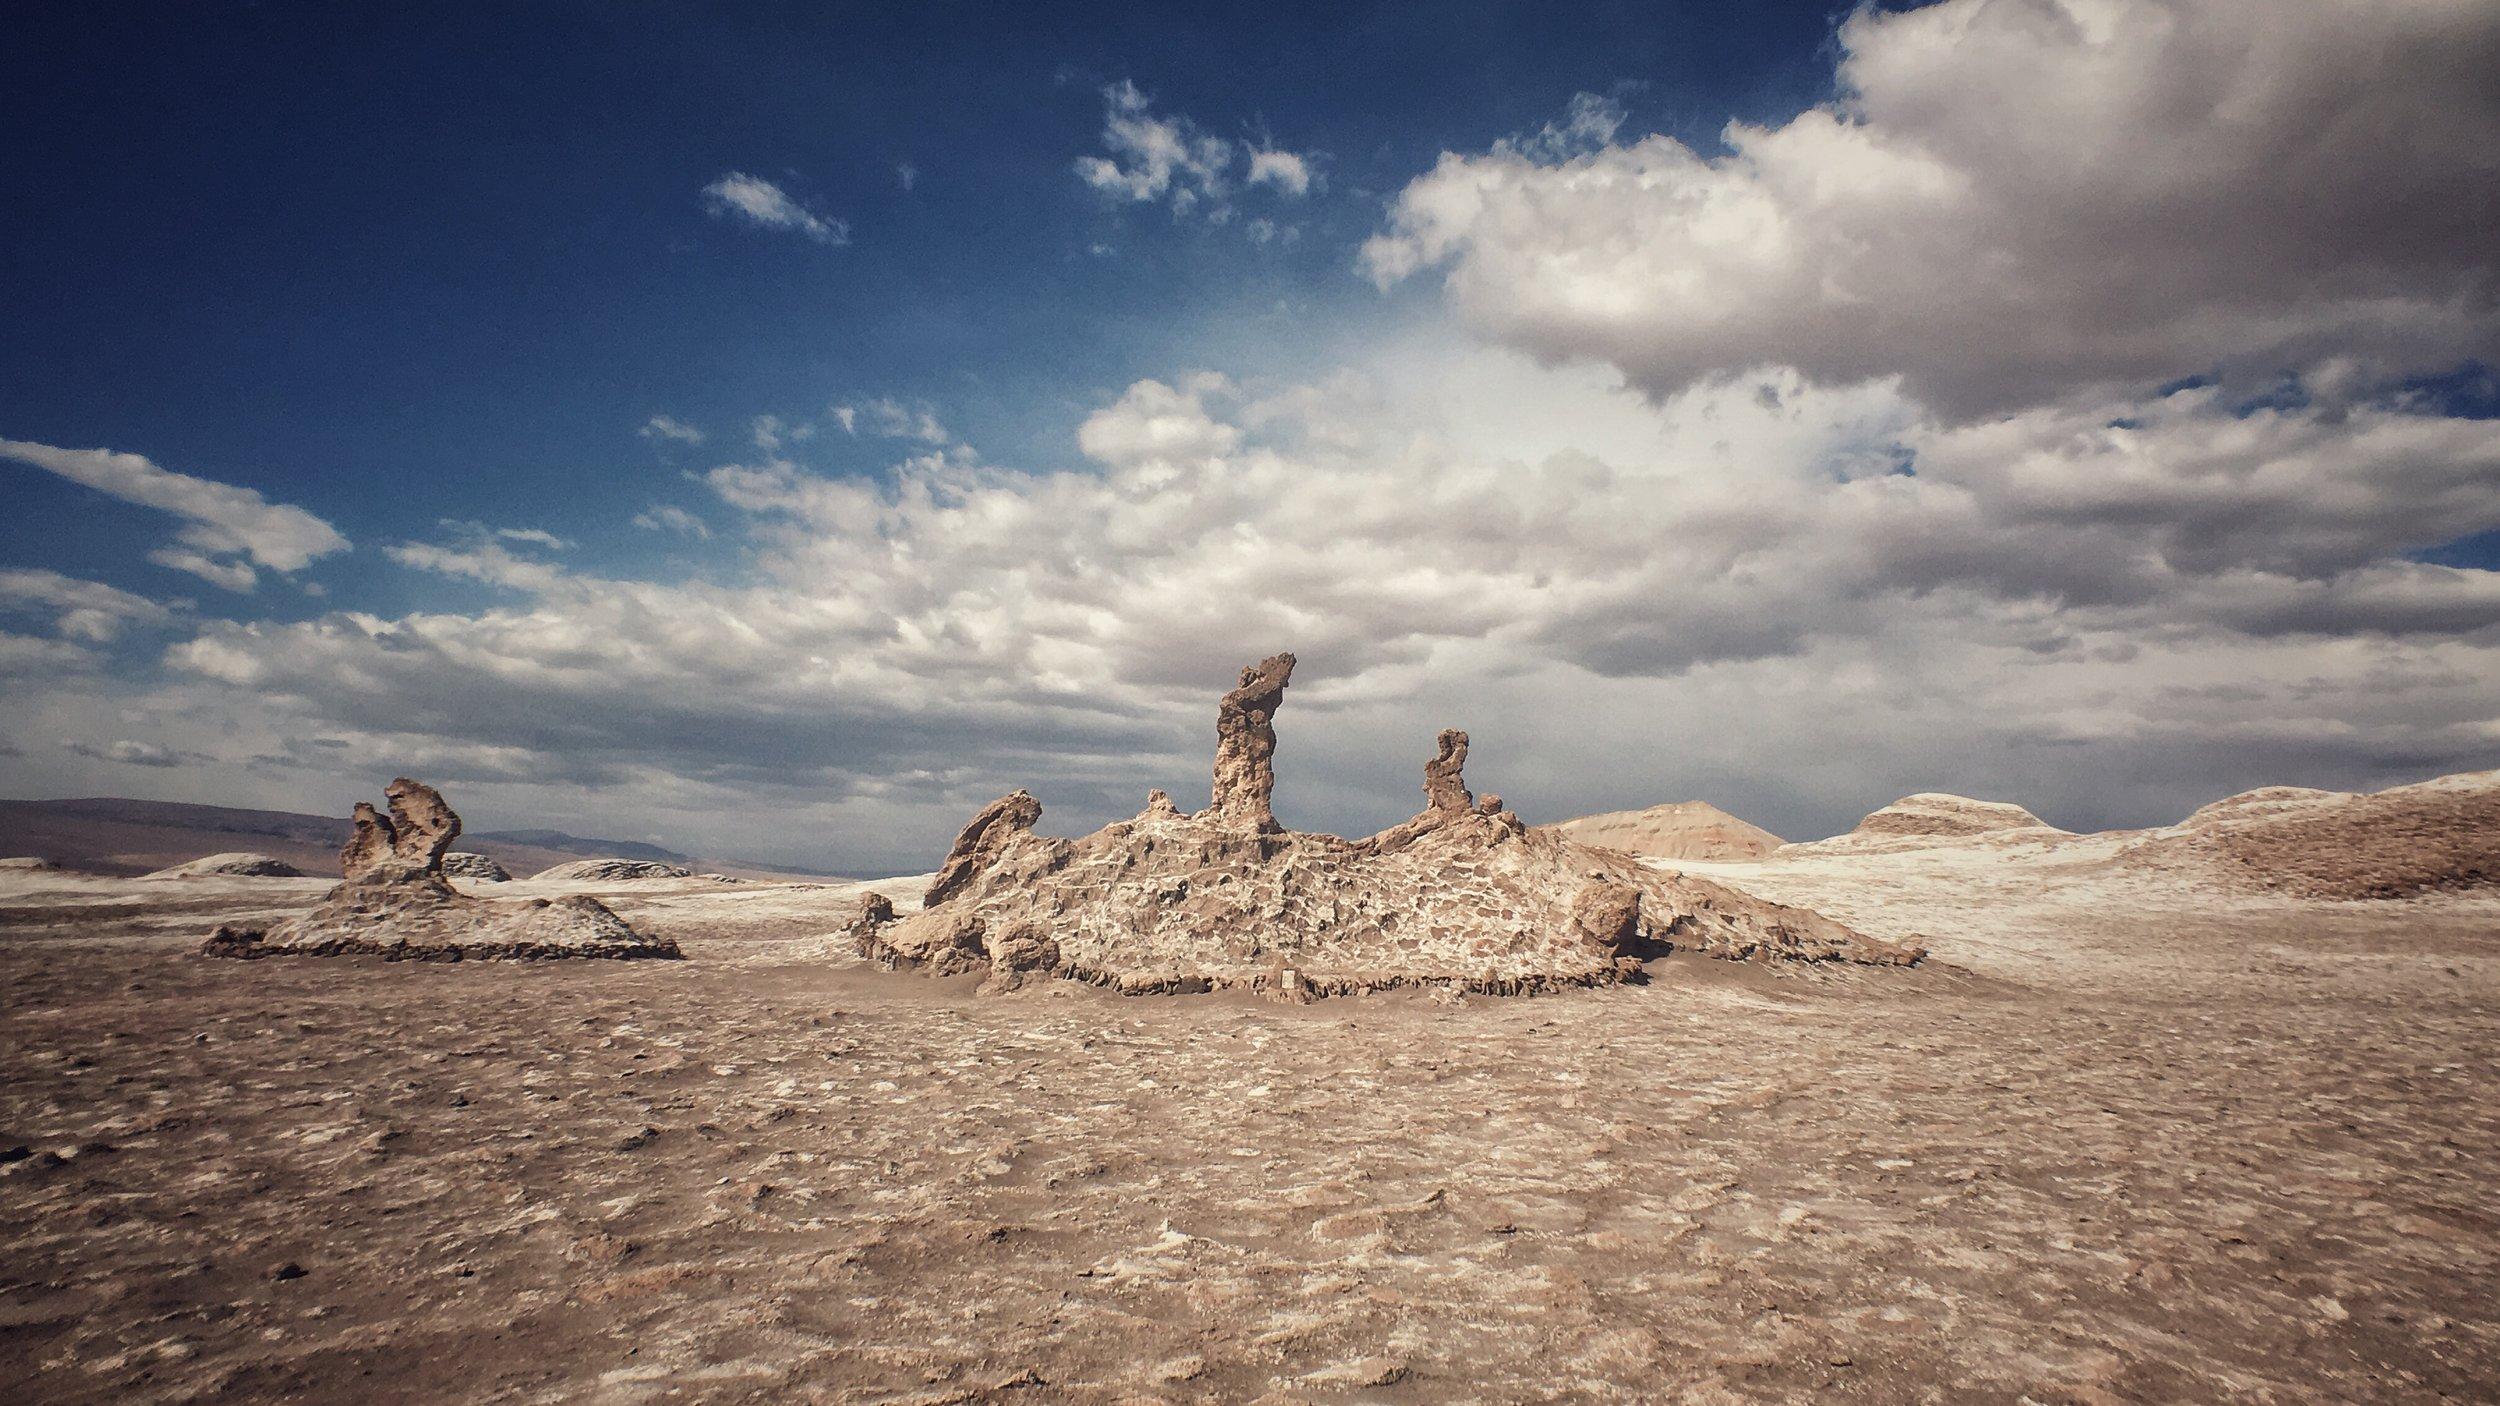 watchmen over old salt mine